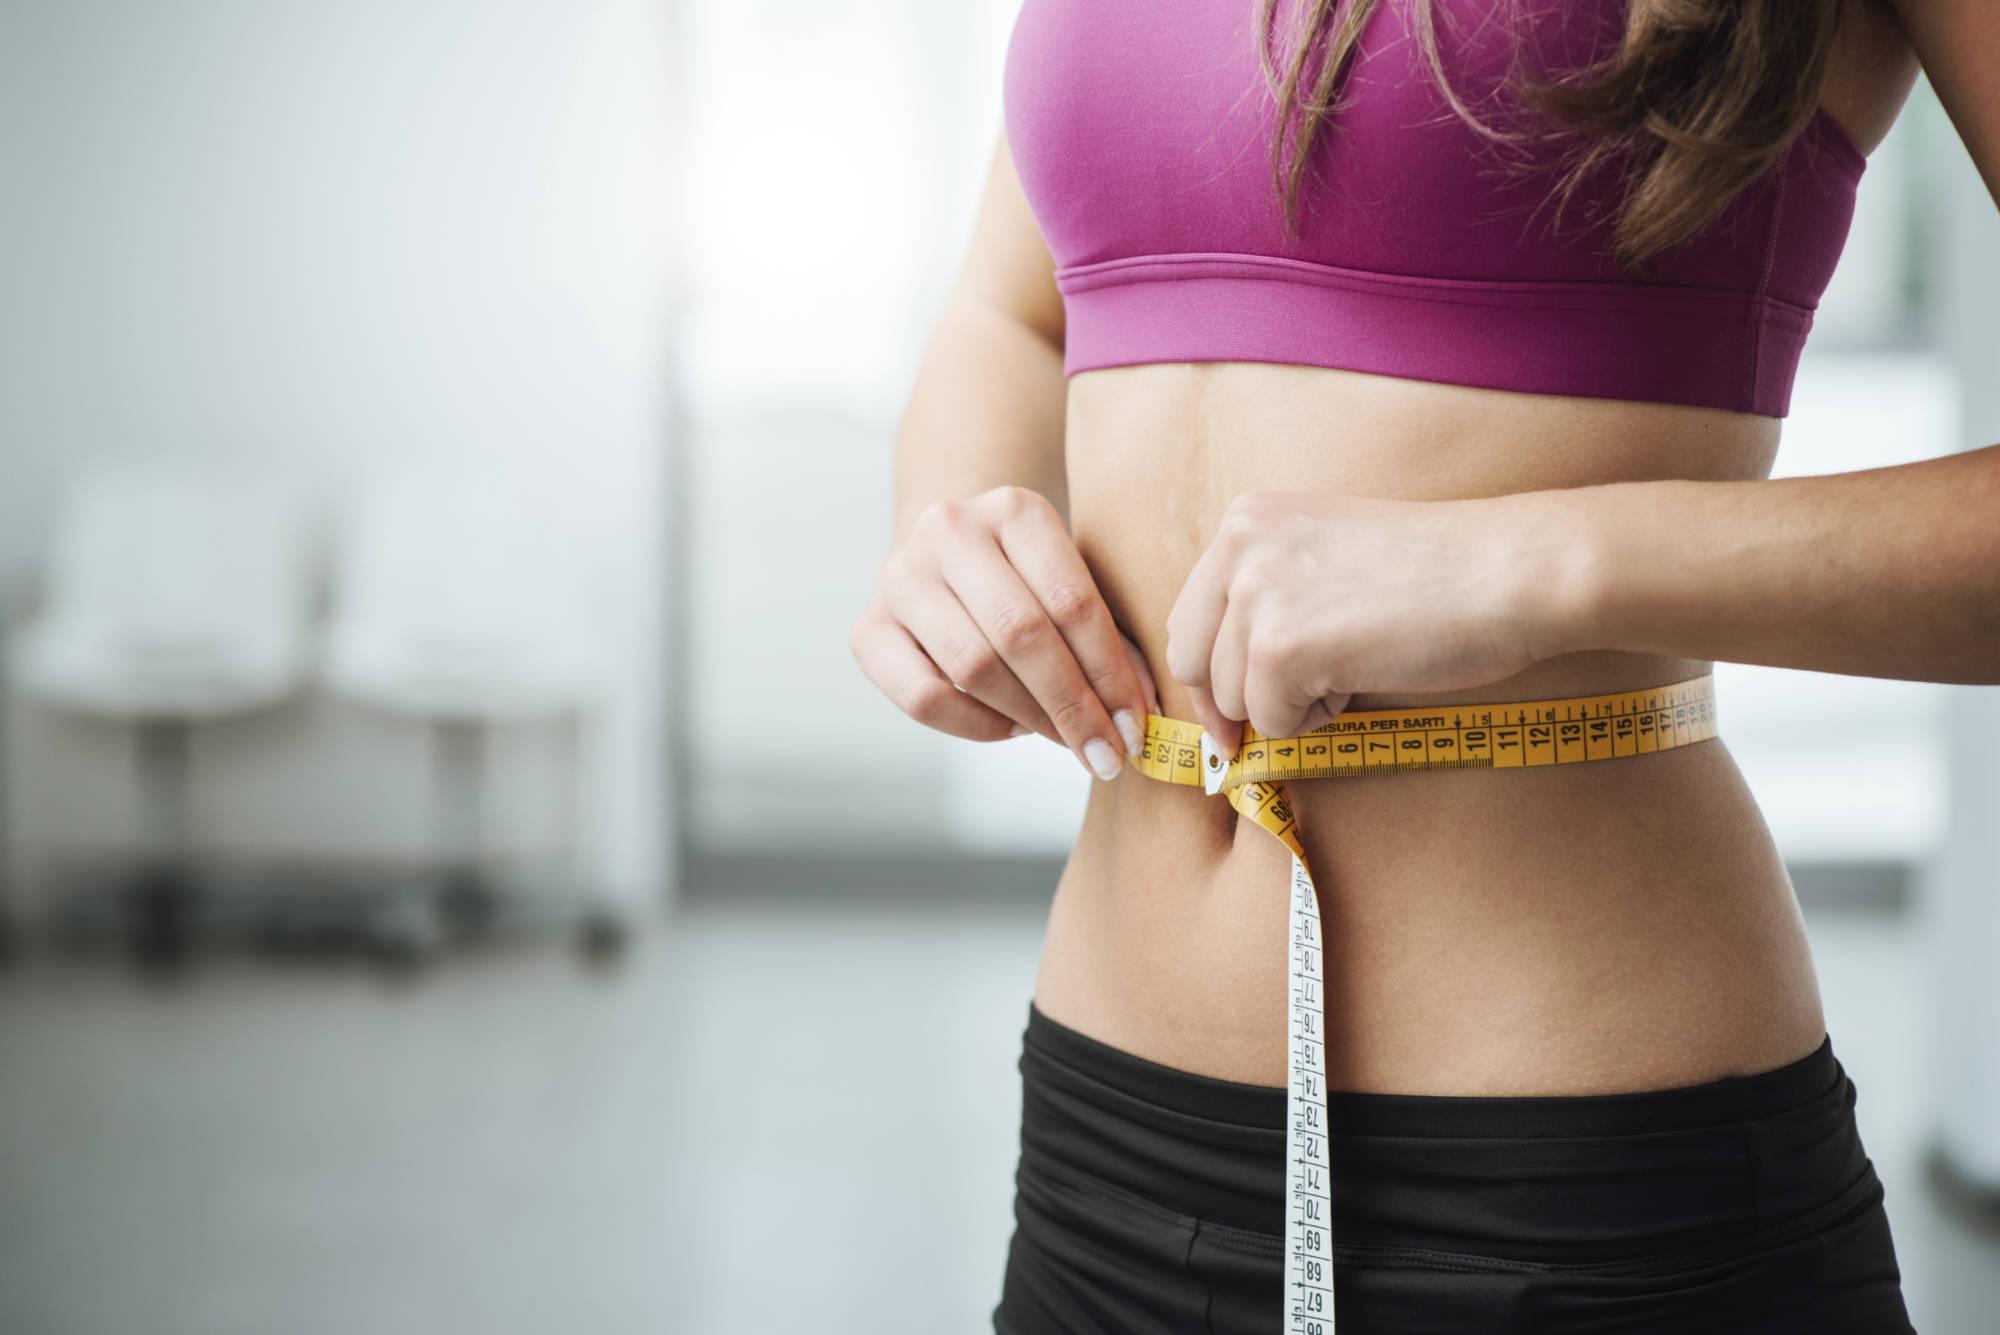 Фигура Диета Фото. Эффективные диеты для быстрого похудения